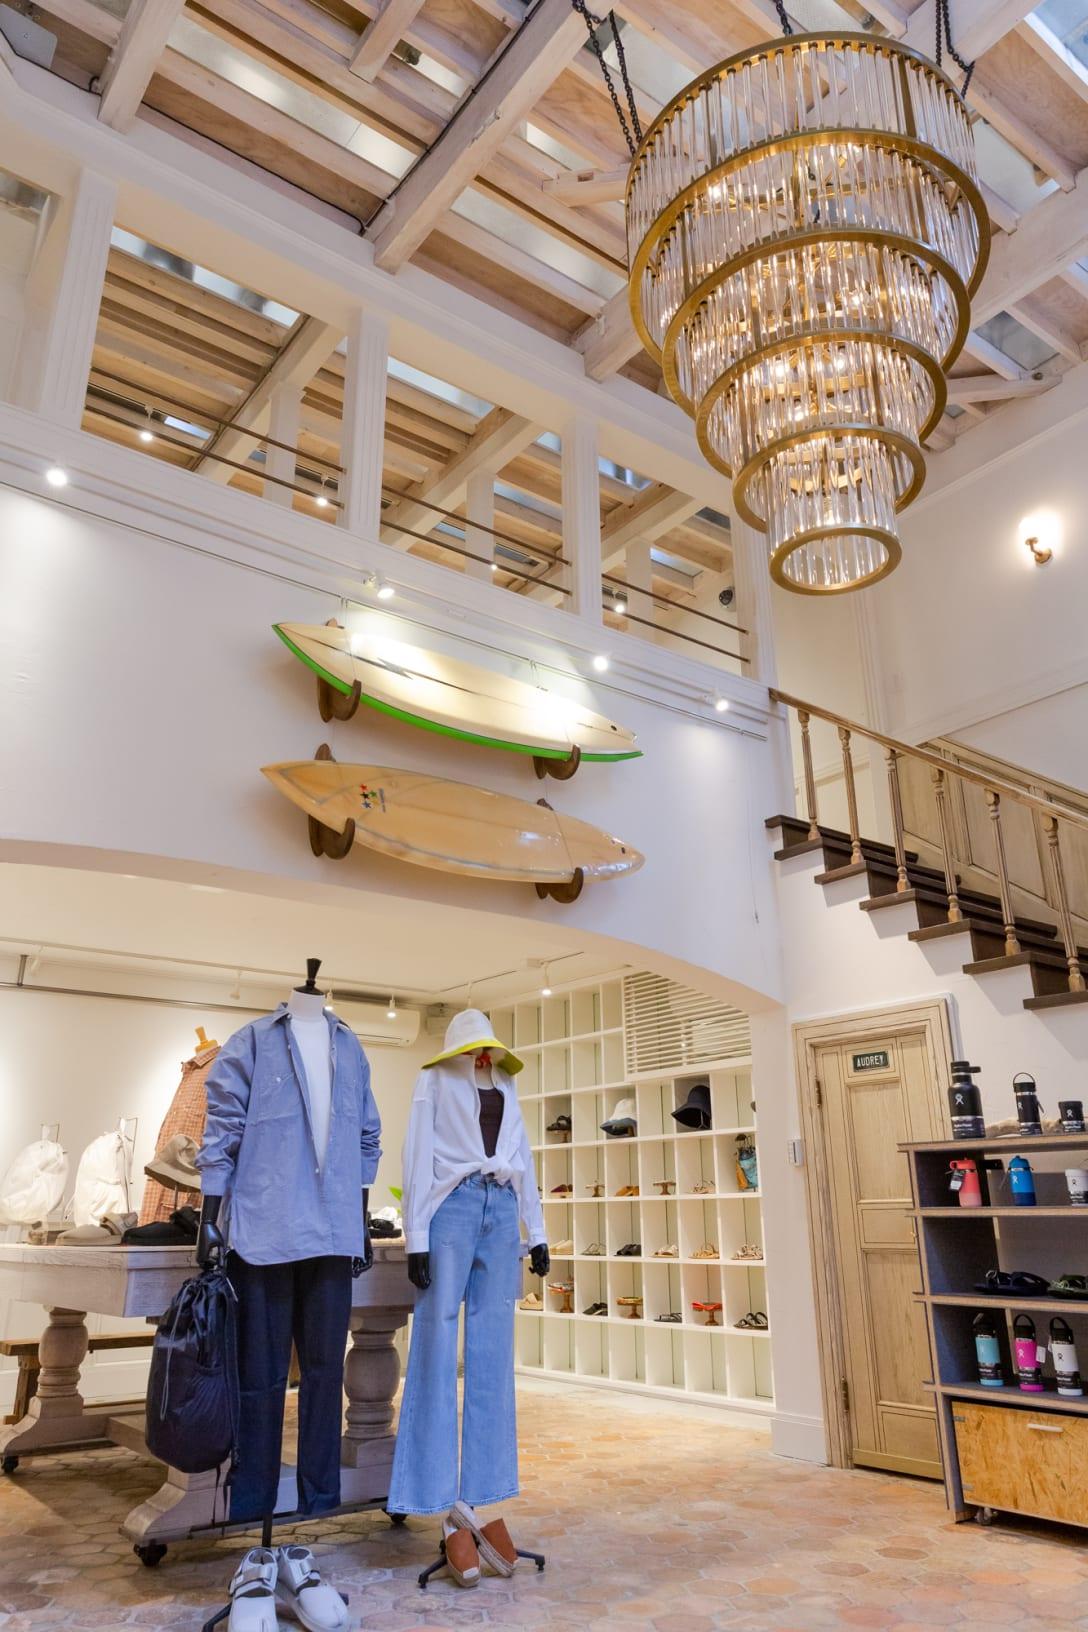 新店舗の1階 Image by FASHIONSNAP.COM